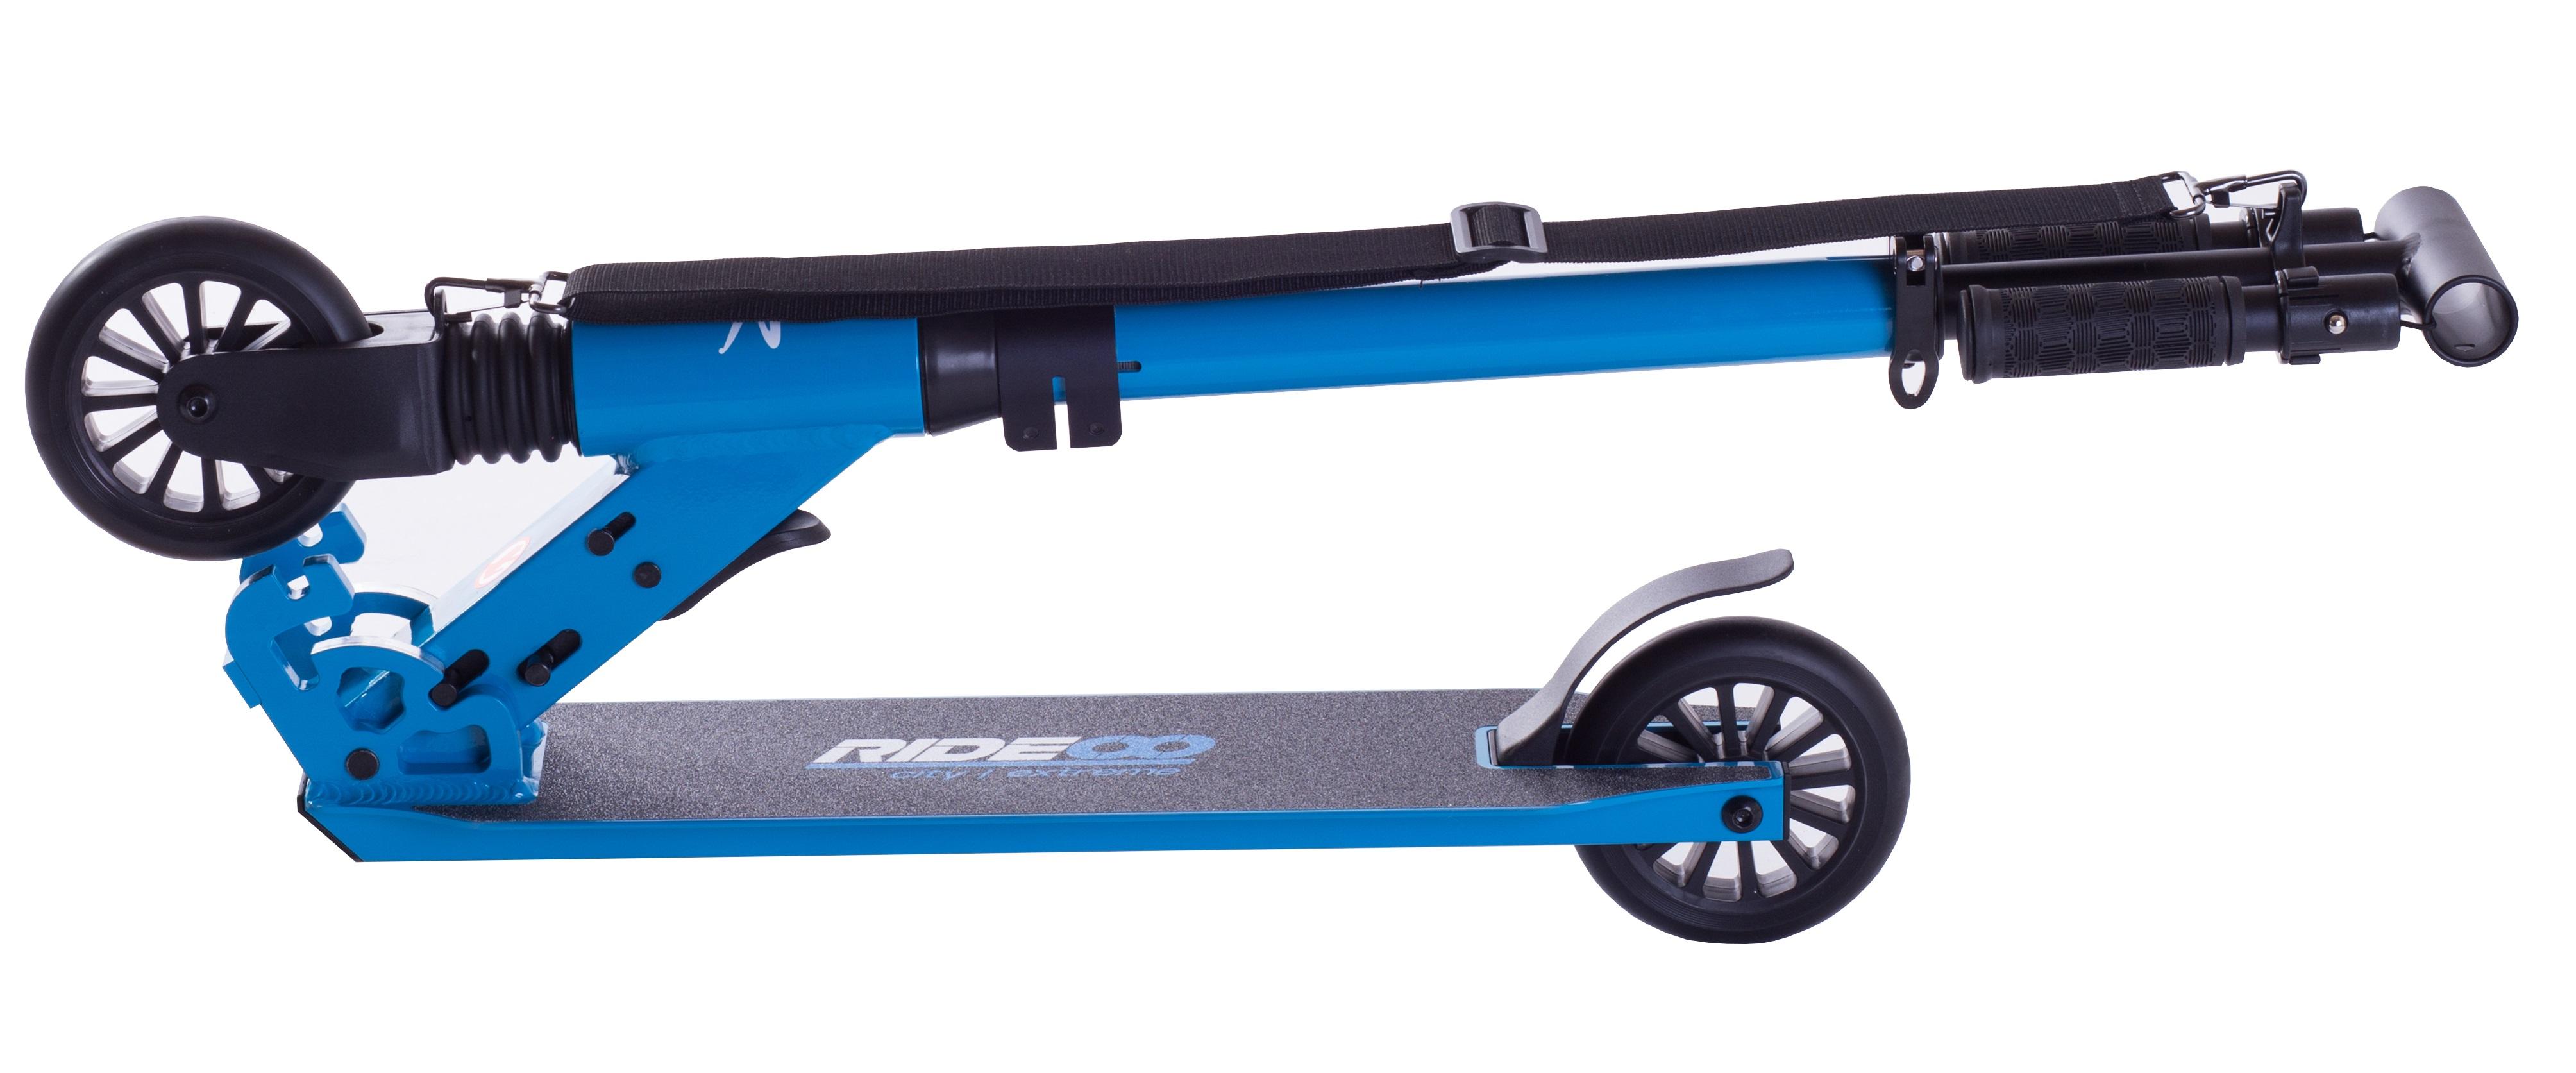 Rideoo 120